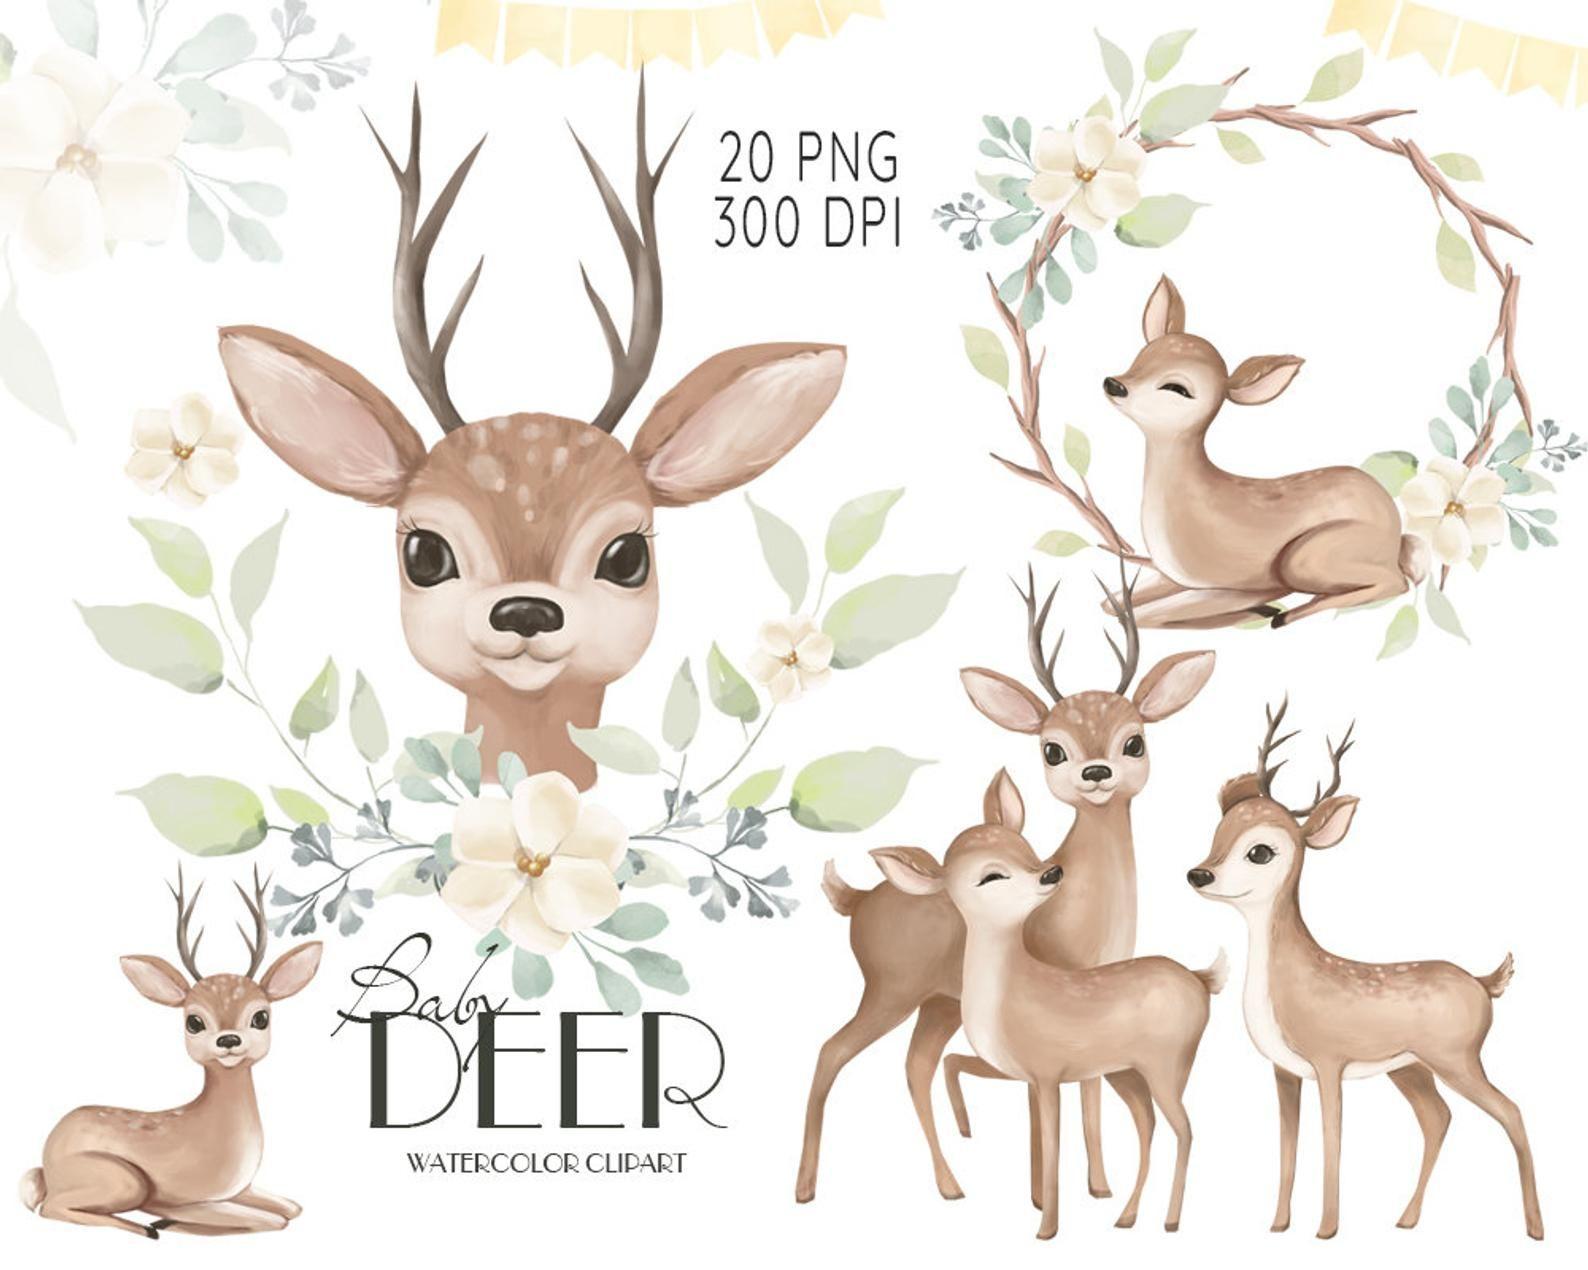 Watercolor Deer Baby Deer Clipart Watercolor Little Animals Cute Deer Baby Shower Clip Art Mother Deer Illustration Nursery Graphics Deer Illustration Watercolor Deer Animal Clipart